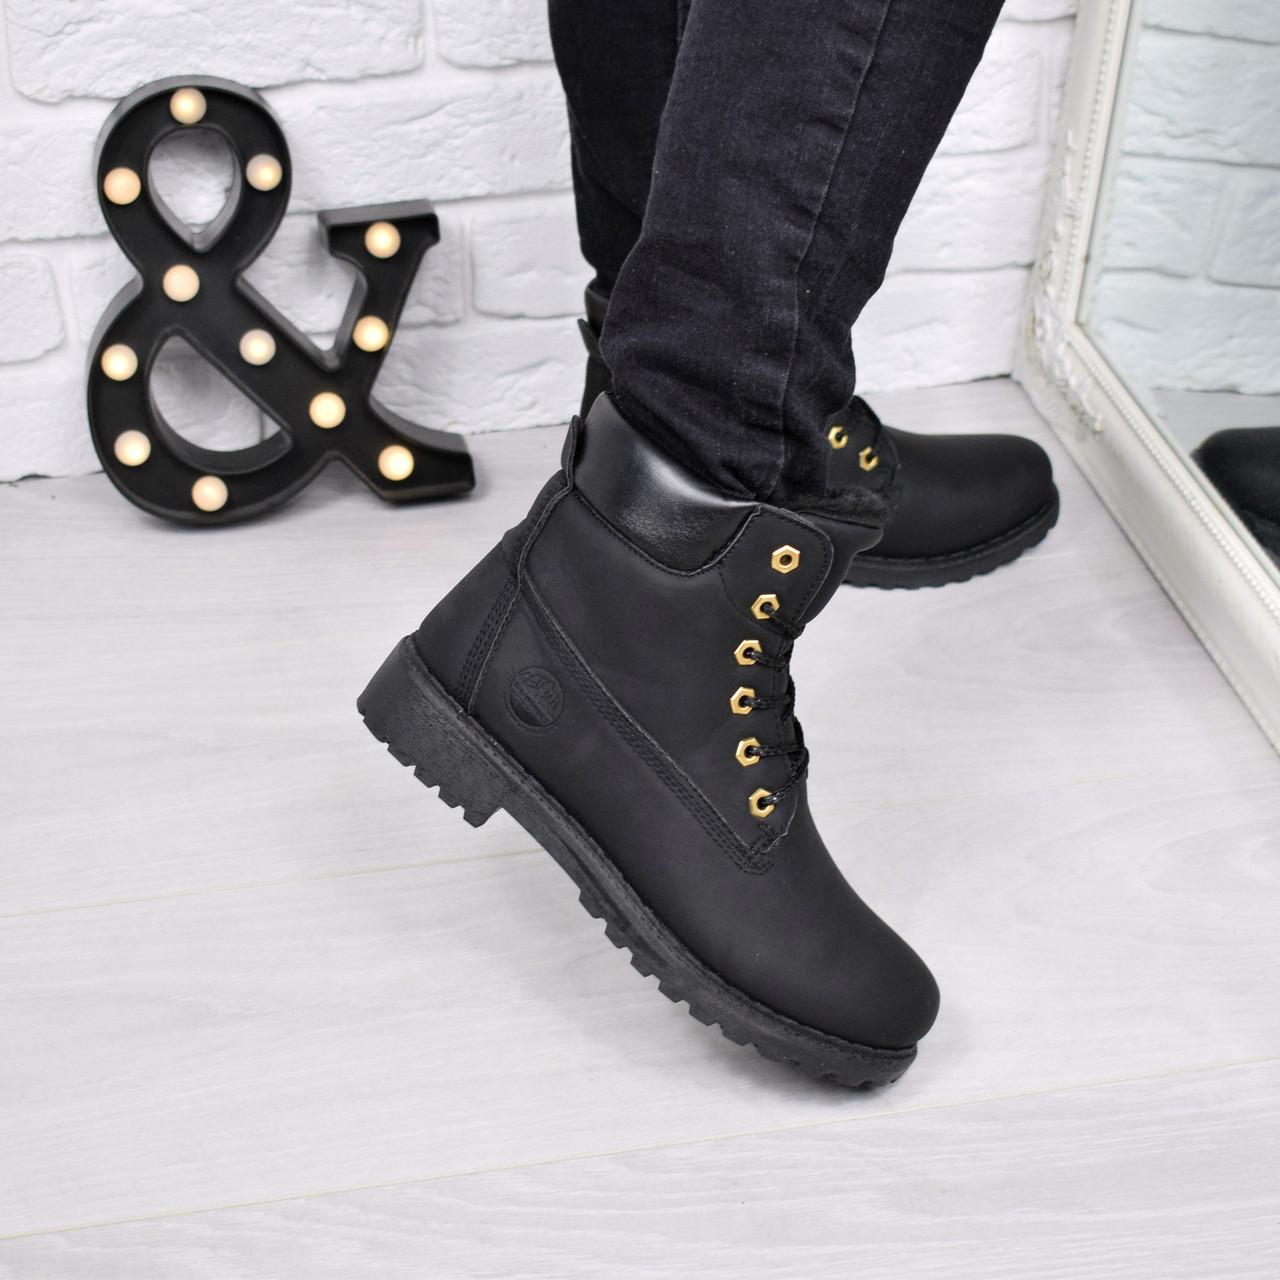 3030e82c1654 Ботинки женские Timber черные Зима 3778,Размер 39, ботинки женские -  Интернет - магазин